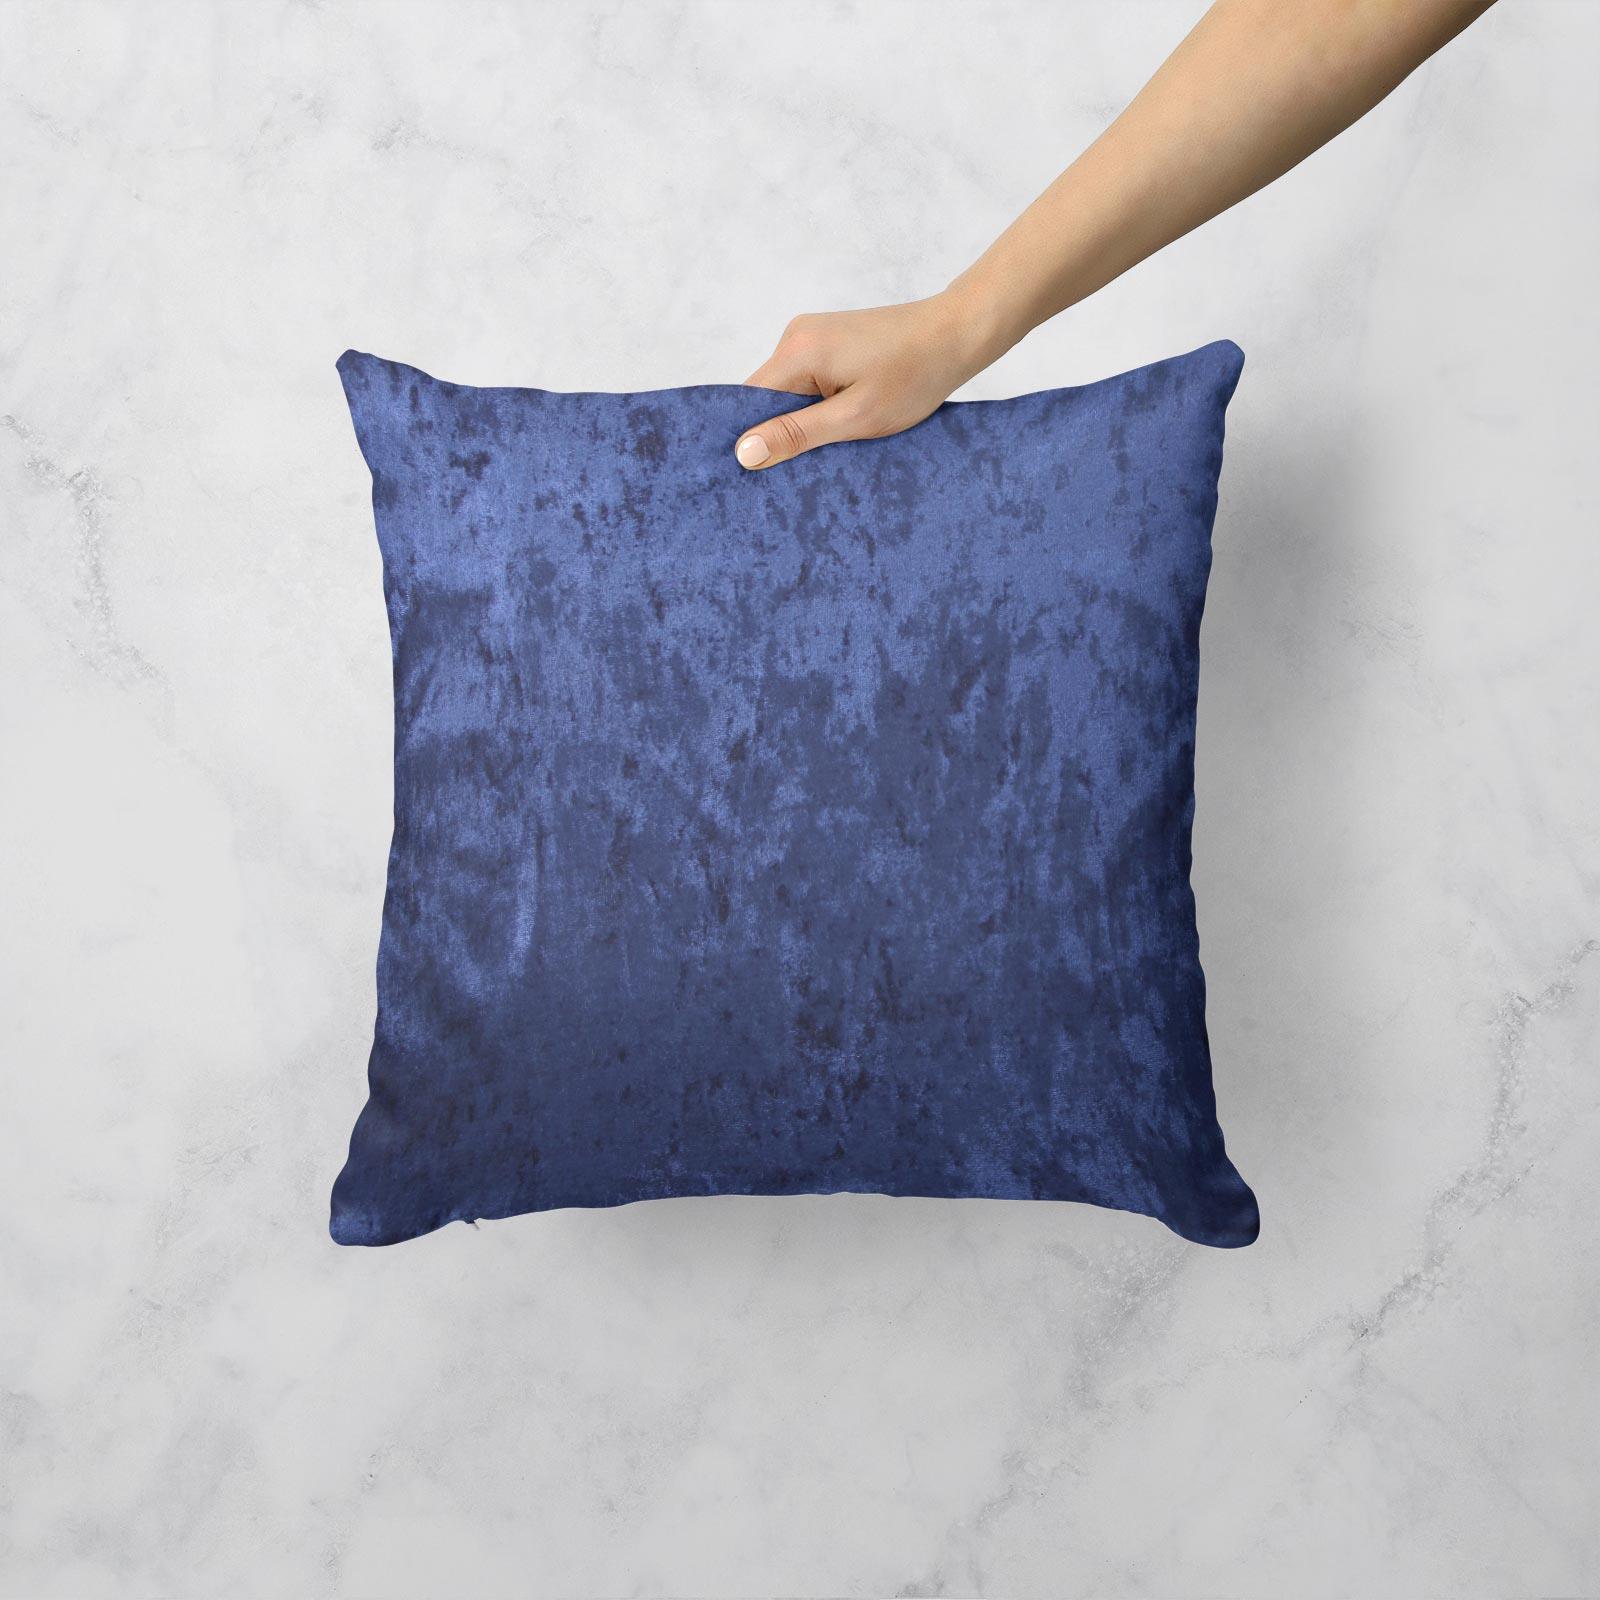 Cuscino-di-velluto-schiacciato-copre-GLAM-Tinta-Unita-Copricuscino-18-034-x-18-034-45cm-x-45cm miniatura 24